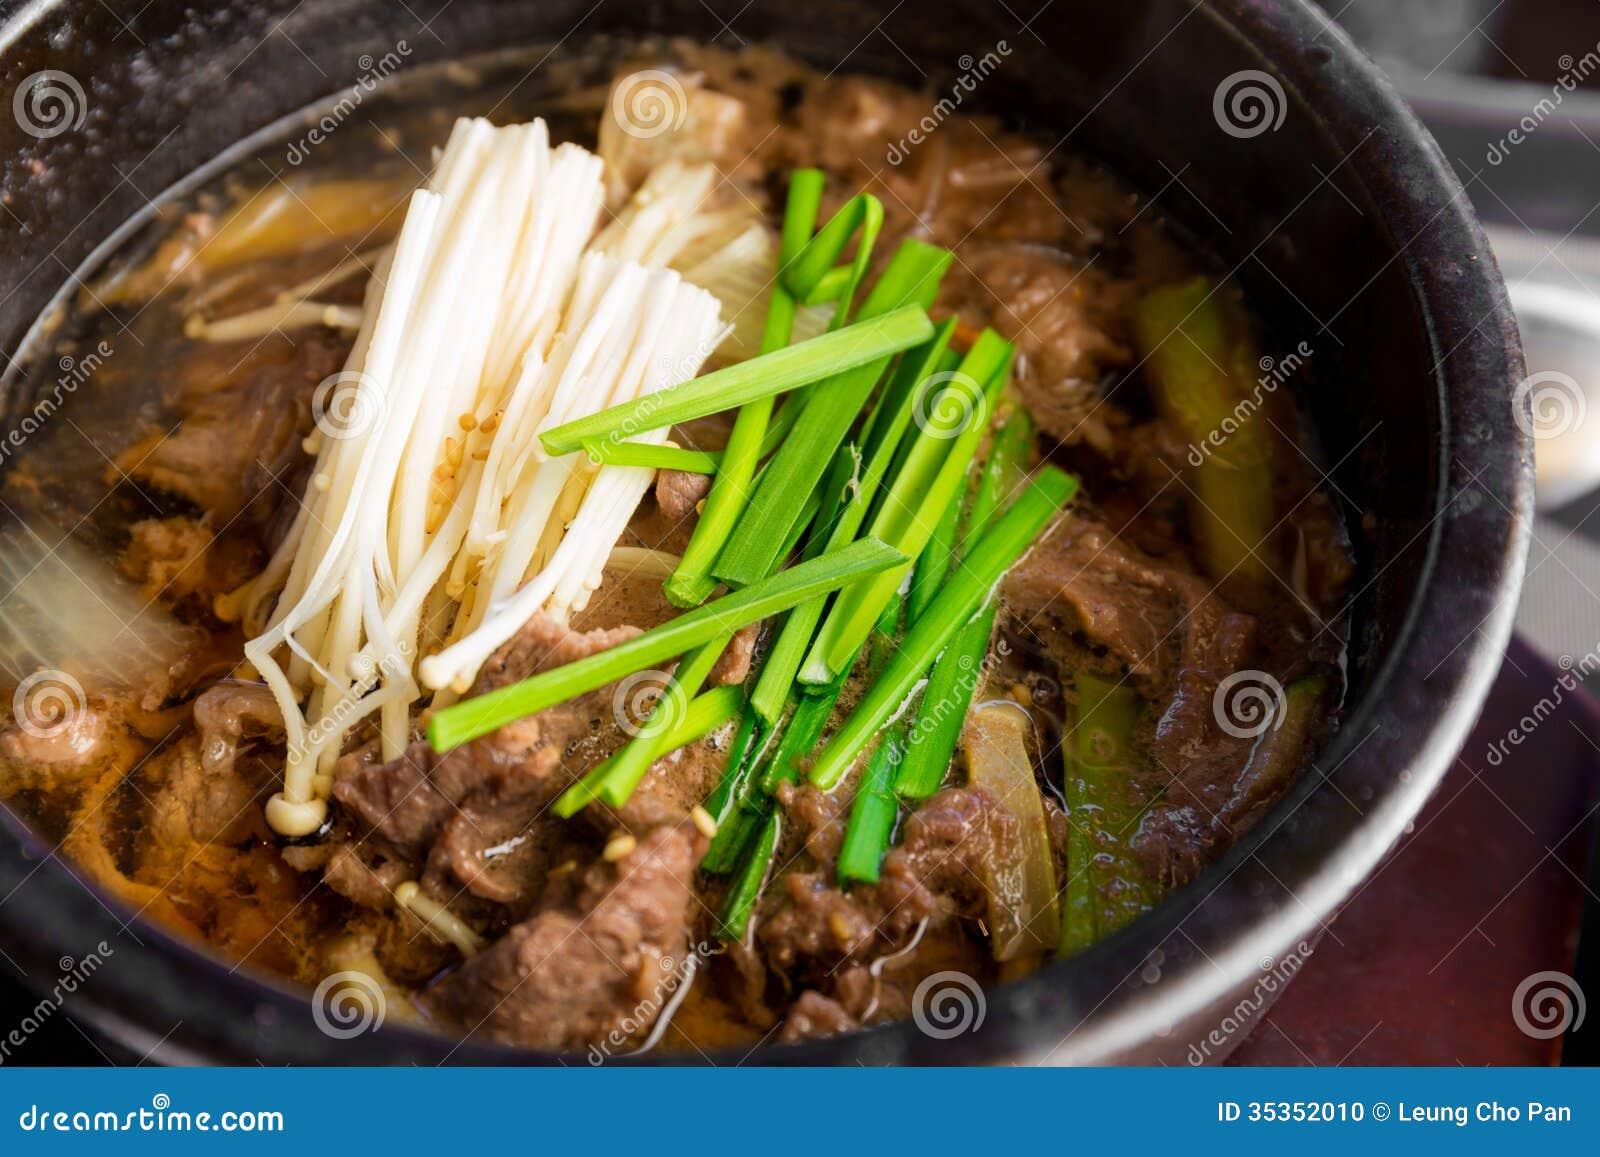 koreanische küche, schüssel rindfleischsuppe stockfoto - bild